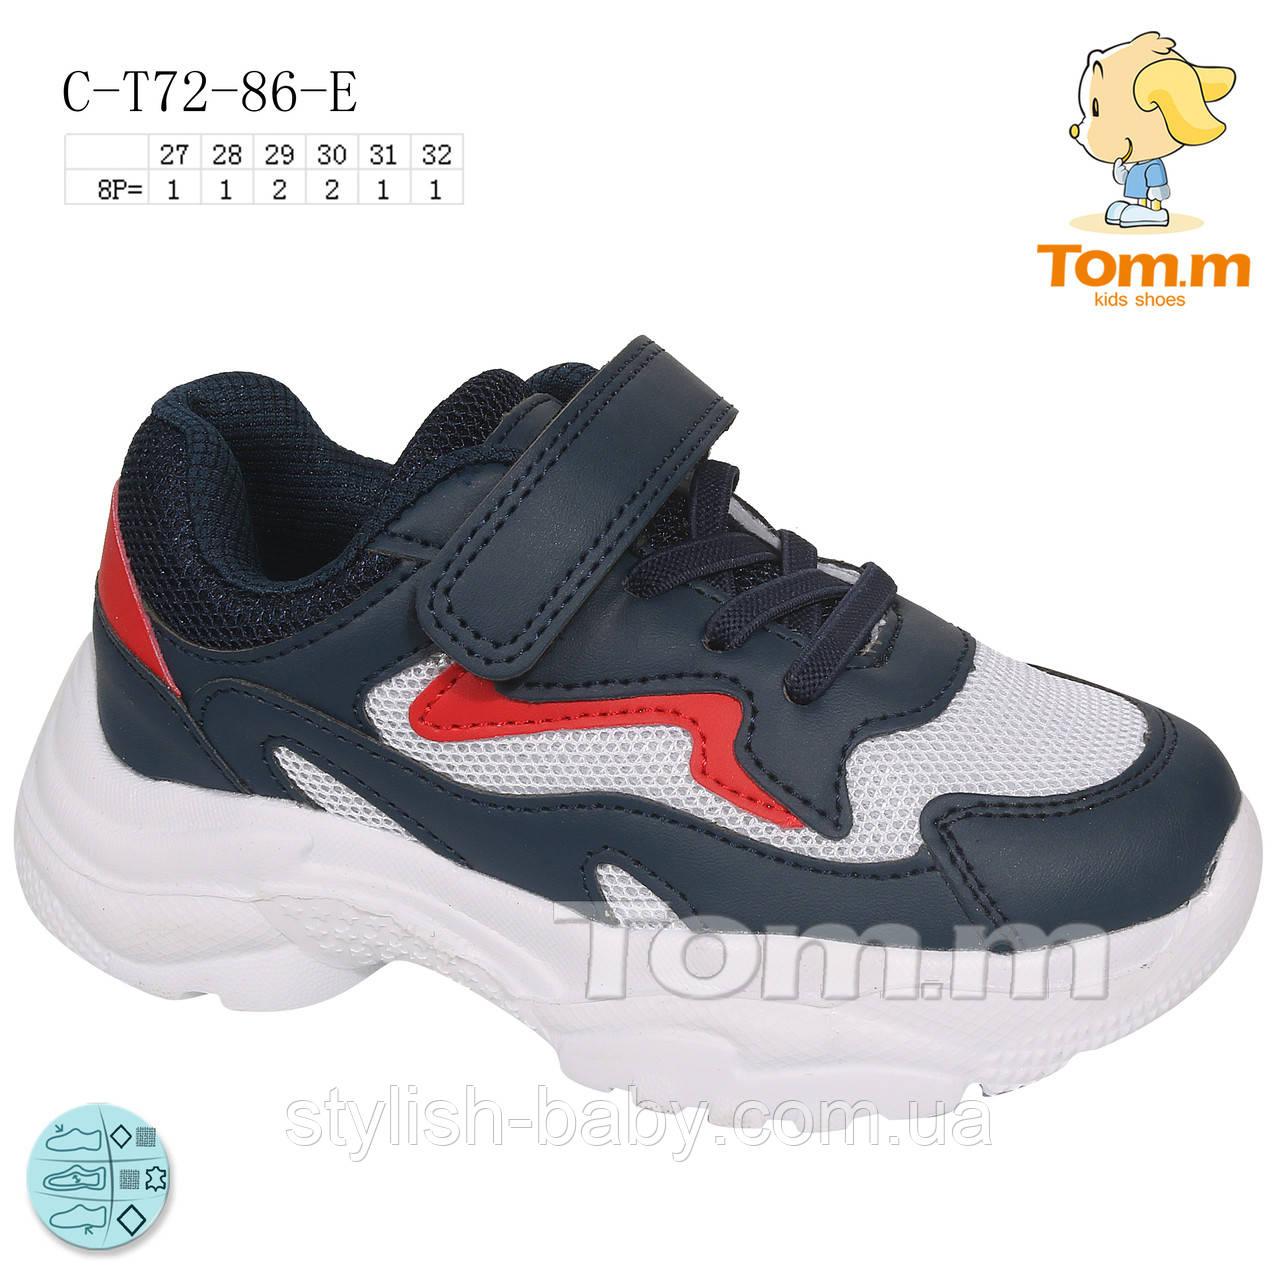 Детская спортивная обувь 2020 оптом. Детская обувь бренда Tom.m для мальчиков (рр. с 27 по 32)